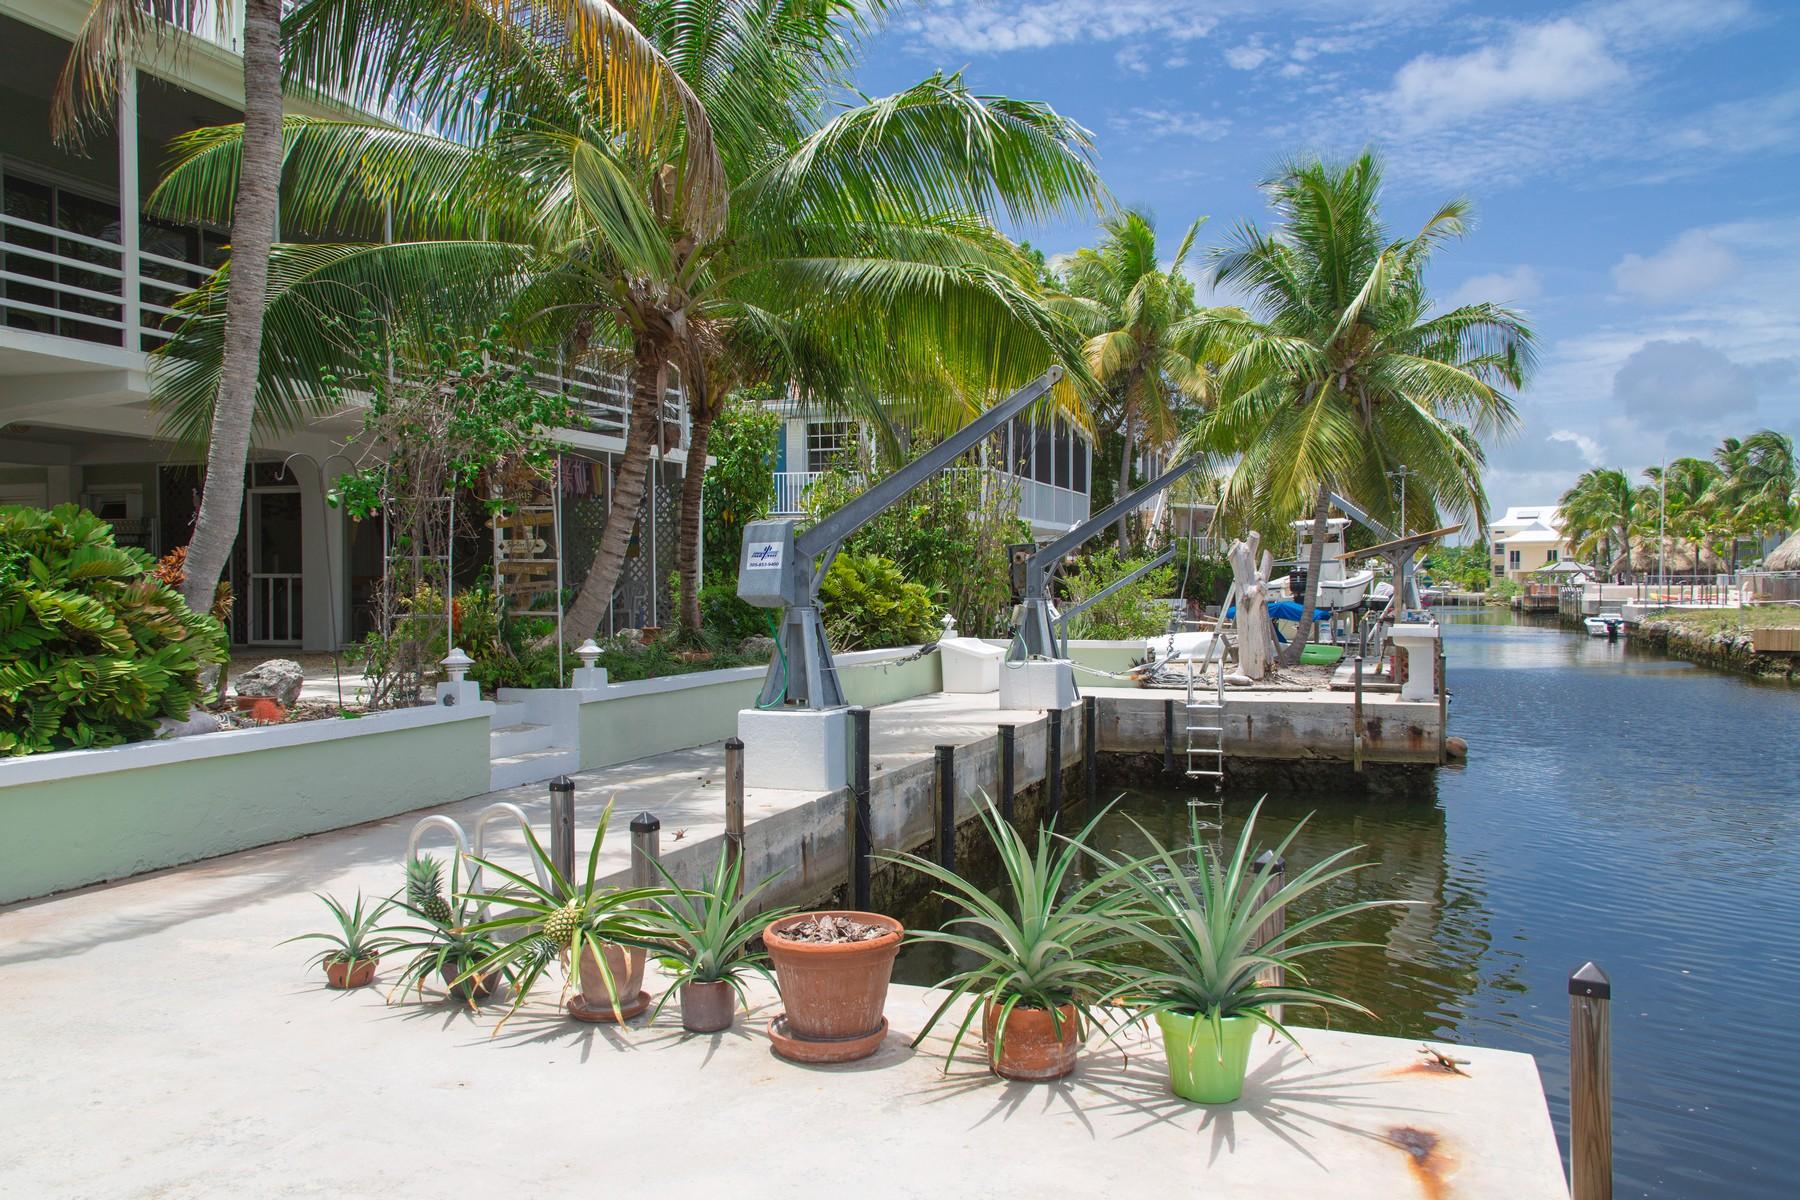 一戸建て のために 売買 アット Gorgeous Key Largo Canal Home 213 Wildwood Circle Key Largo, フロリダ 33037 アメリカ合衆国